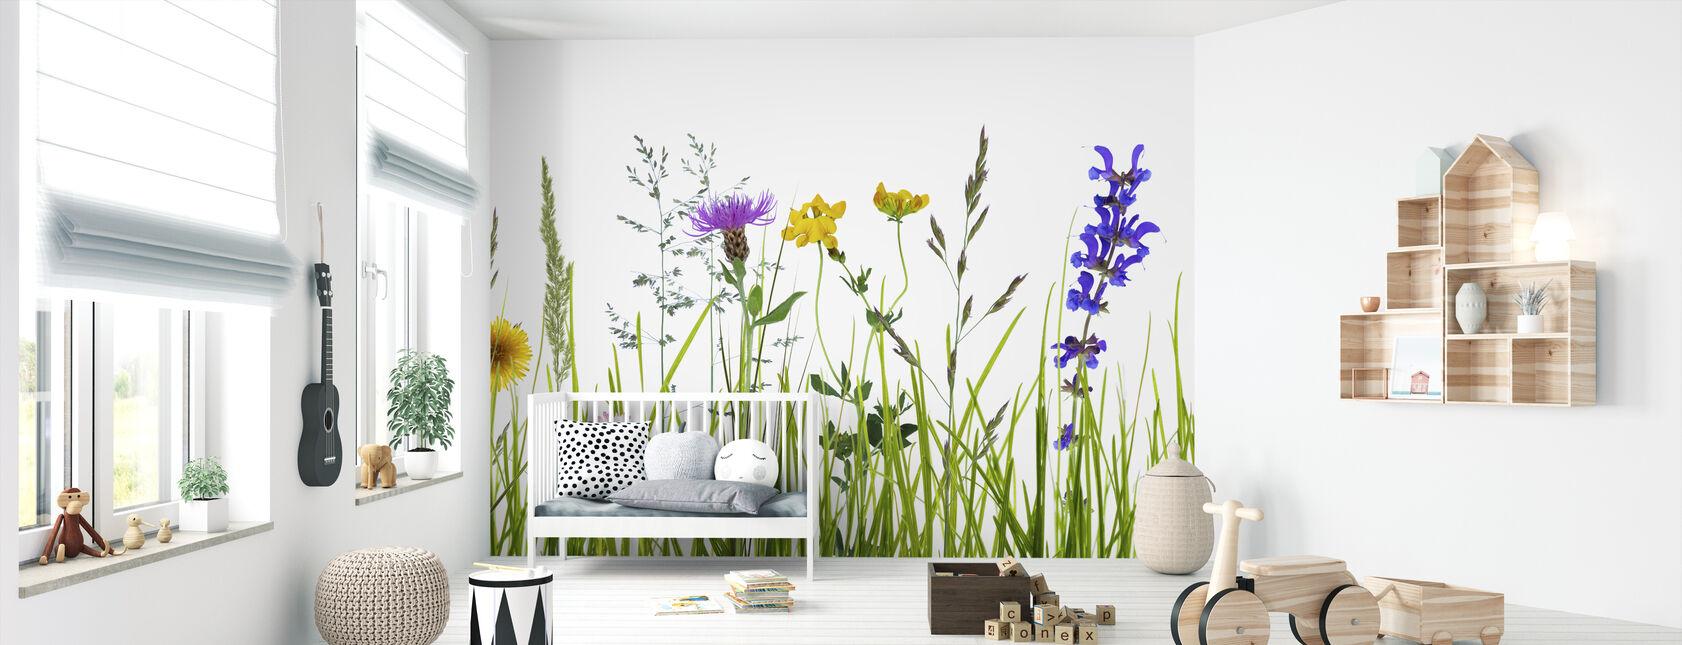 Wildflower Meadow - Wallpaper - Nursery